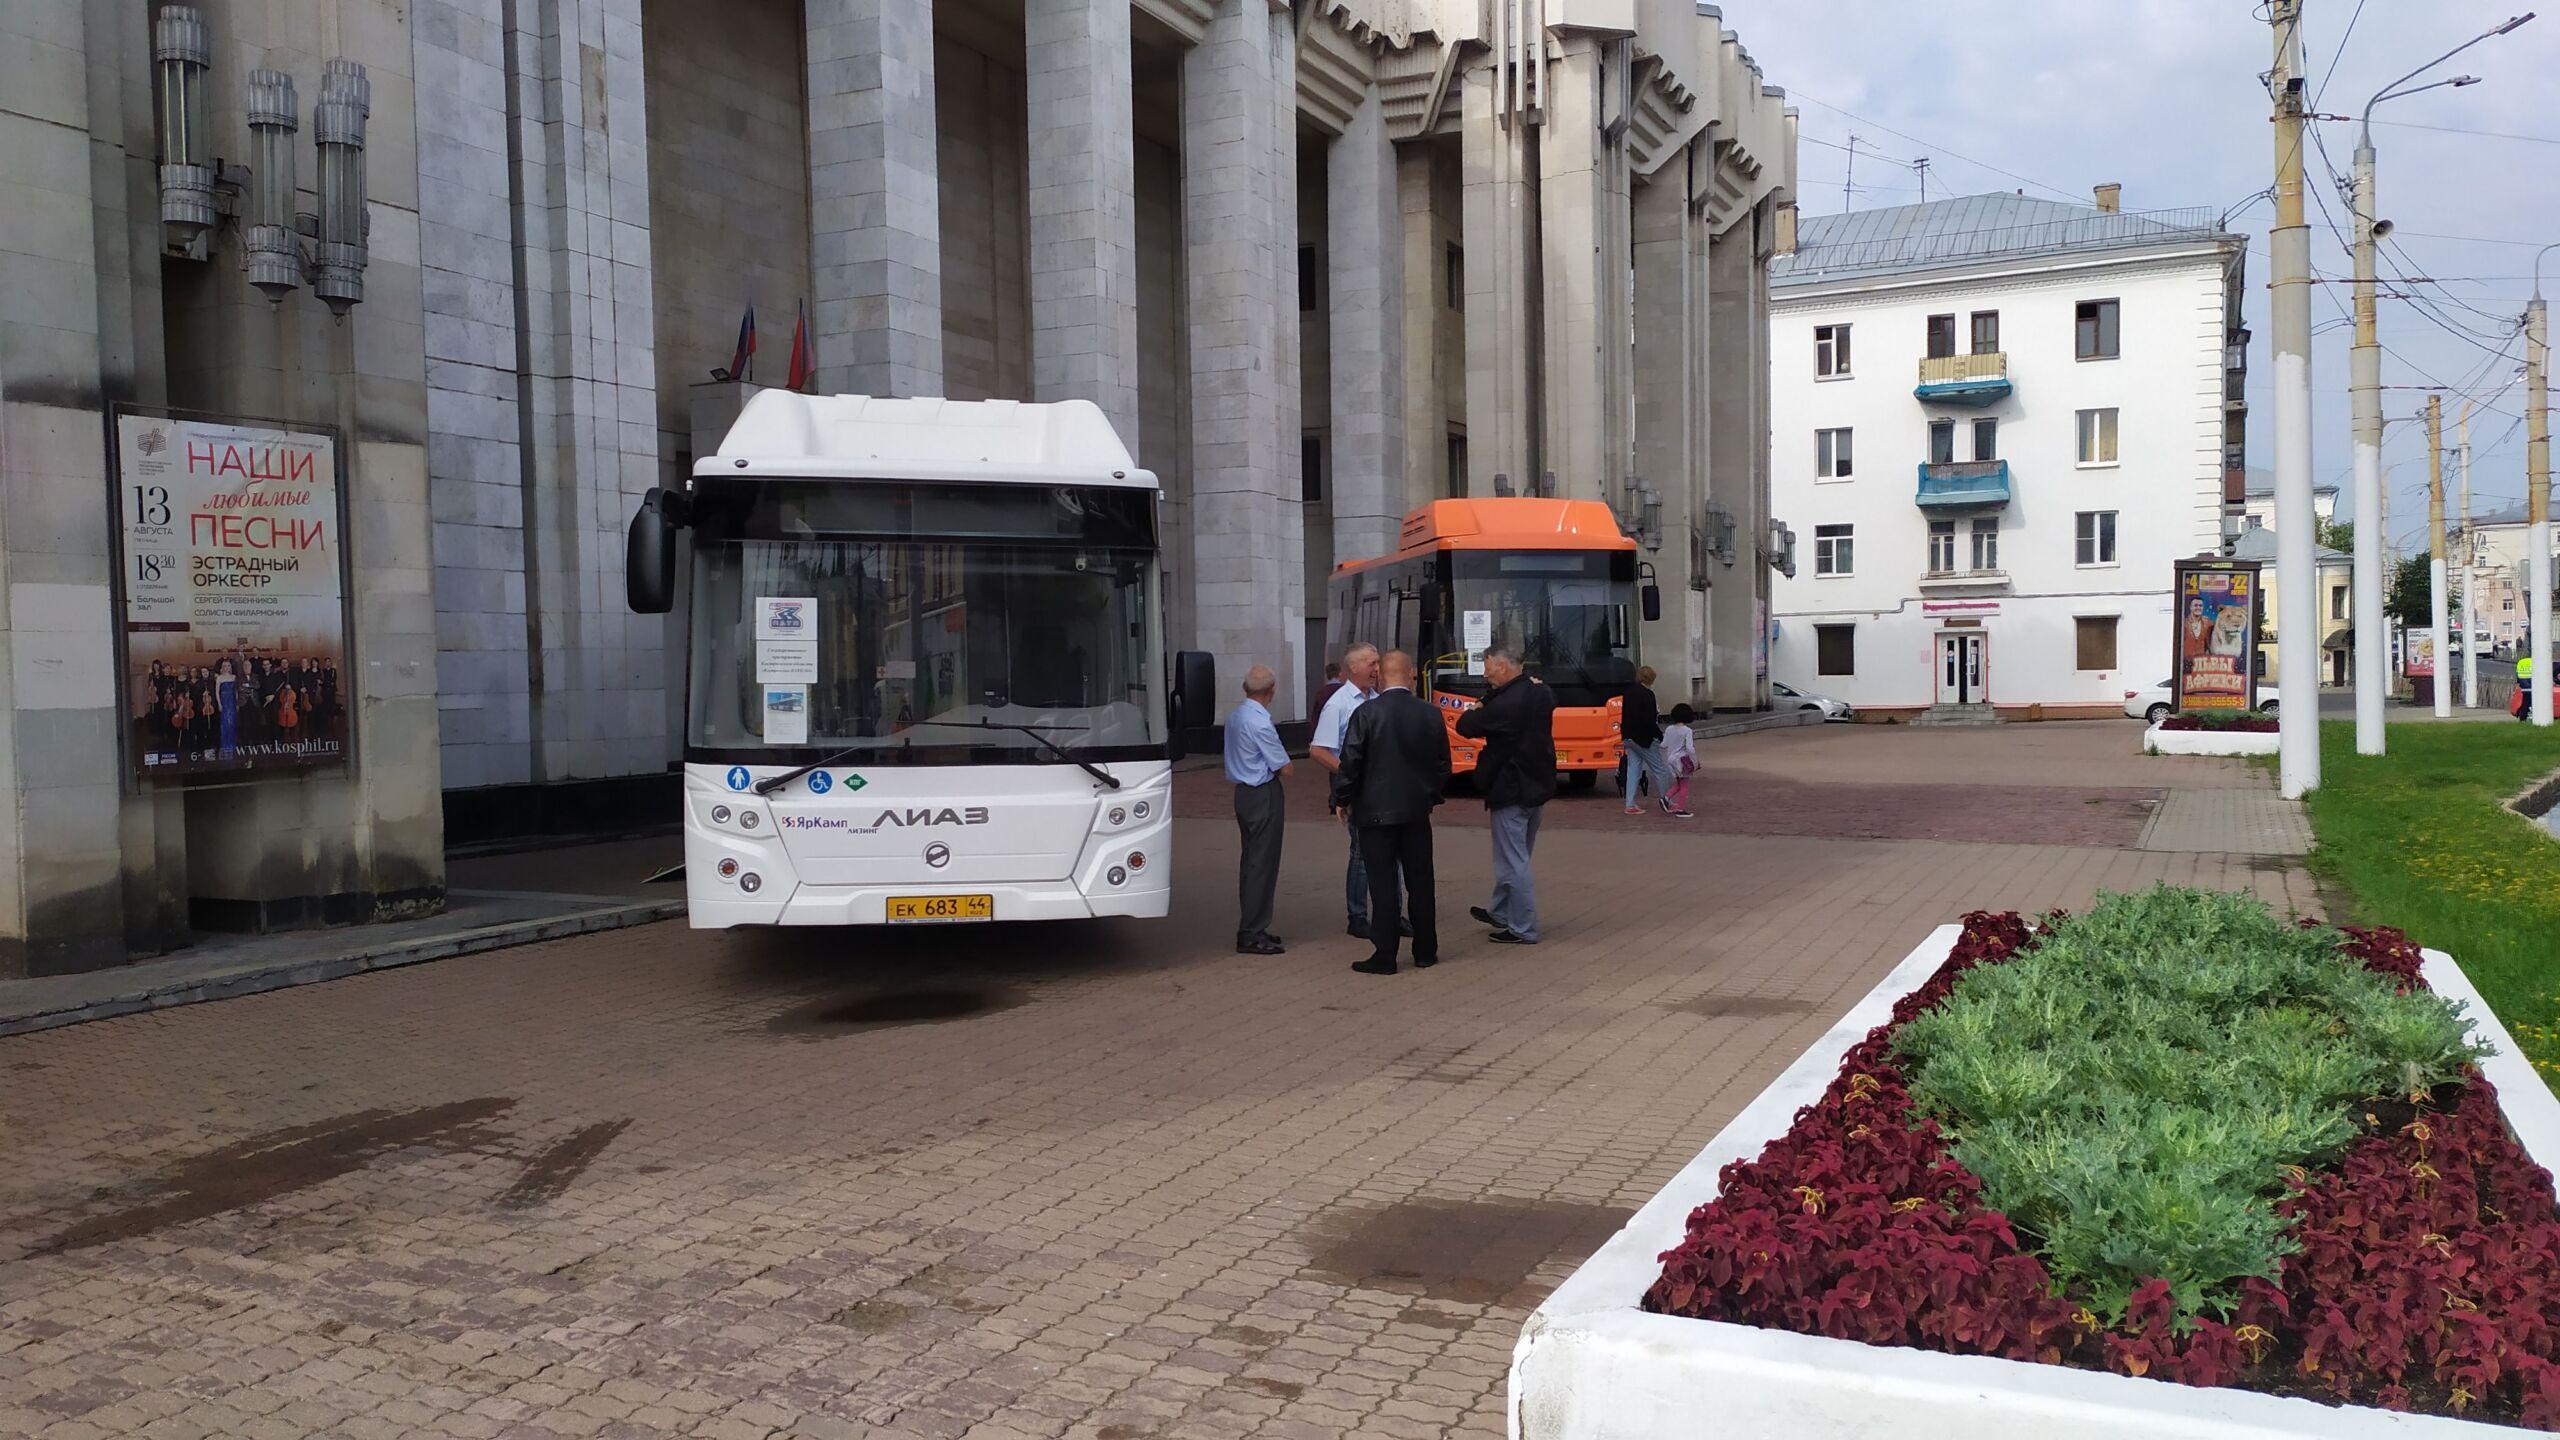 Очень красивые автобусы вышли на маршрут в Костроме: все завидуют